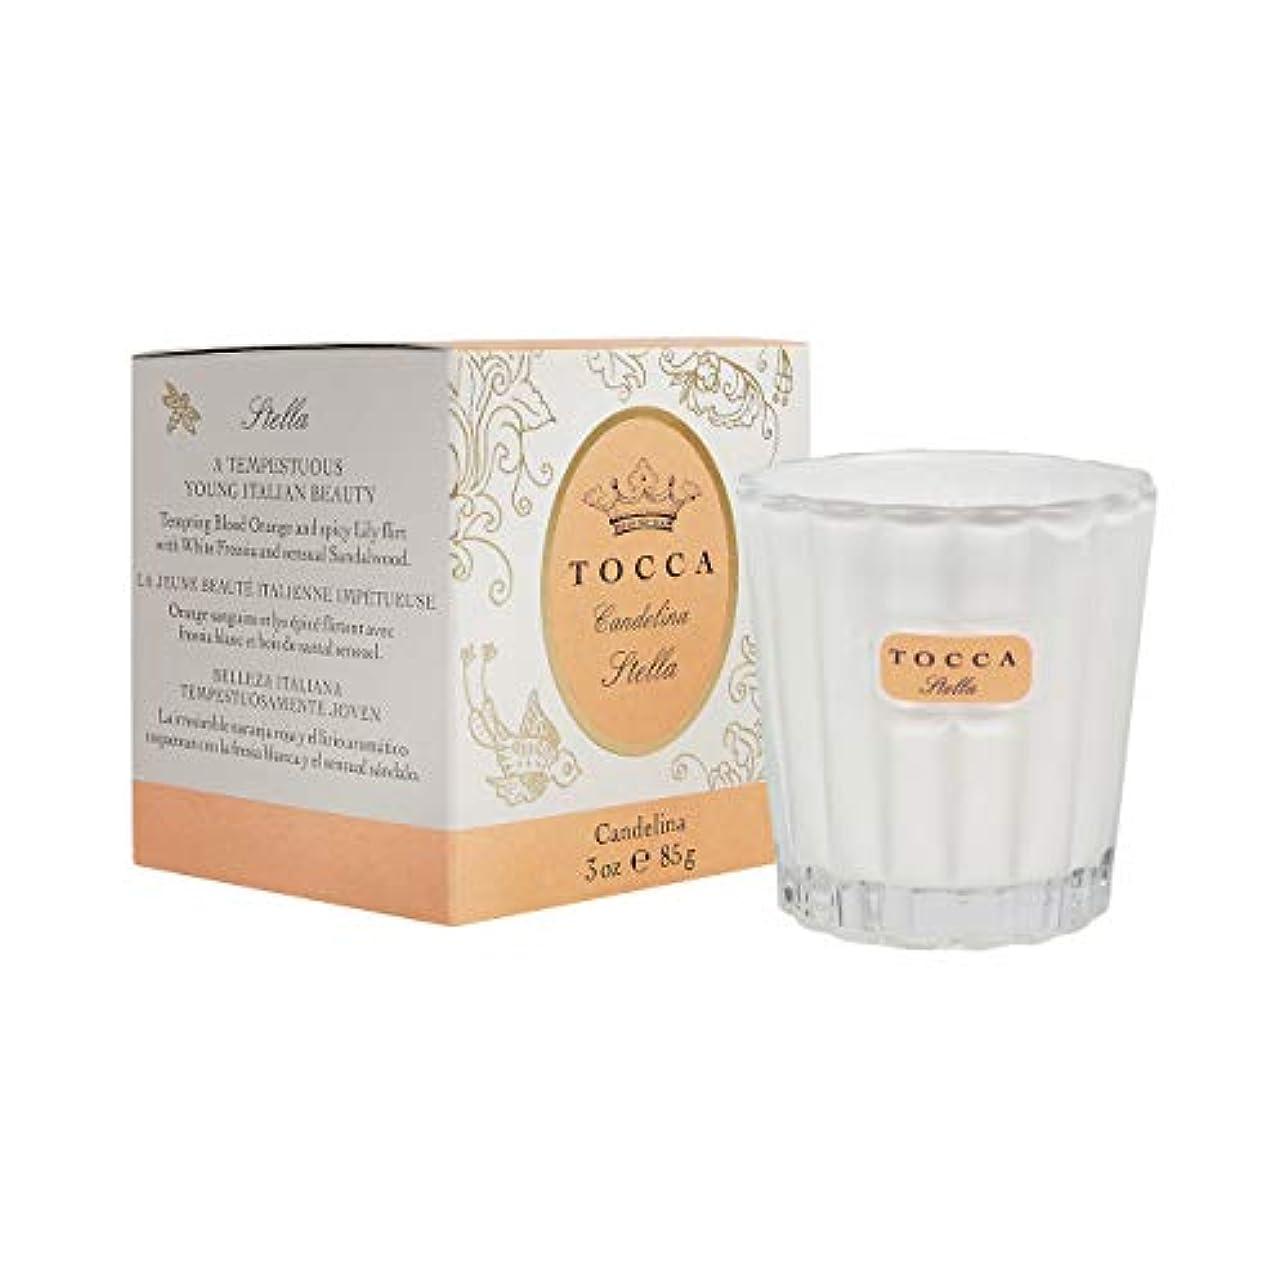 凍結留まる拮抗トッカ(TOCCA) キャンデリーナ ステラの香り 約85g (キャンドル ろうそく フレッシュでビターな香り)